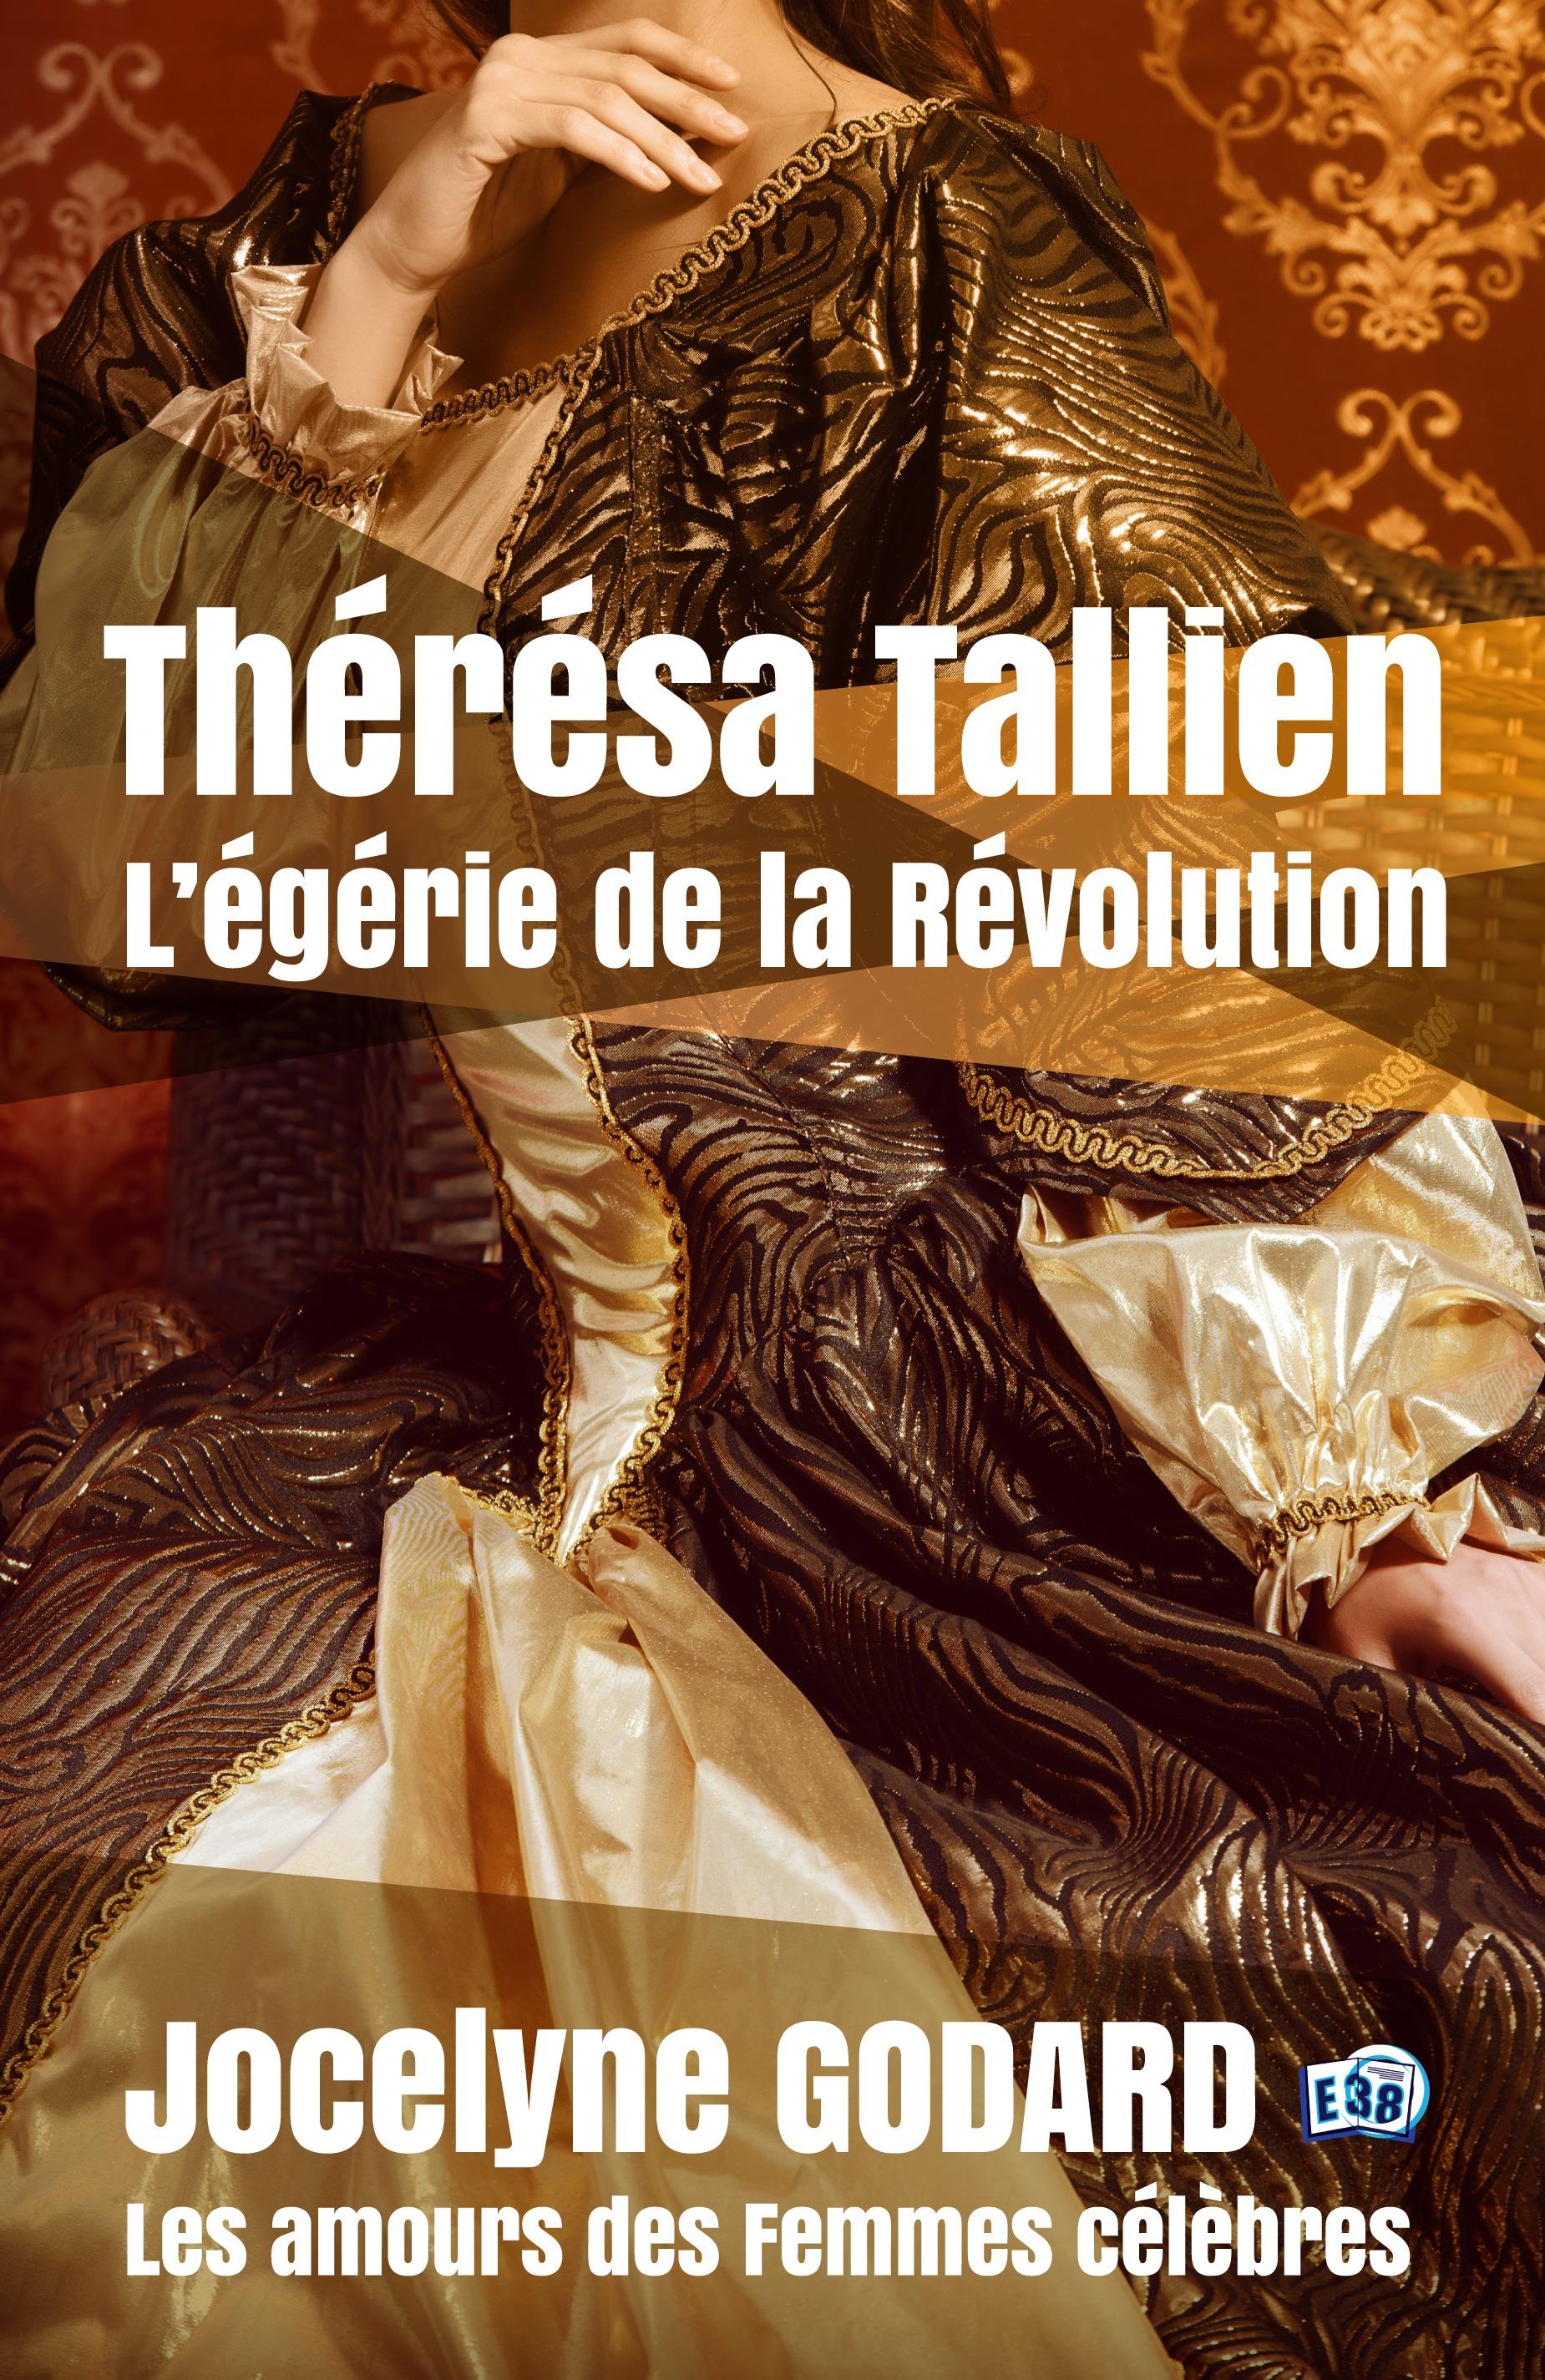 Thérésa Tallien, l'égérie de la Révolution